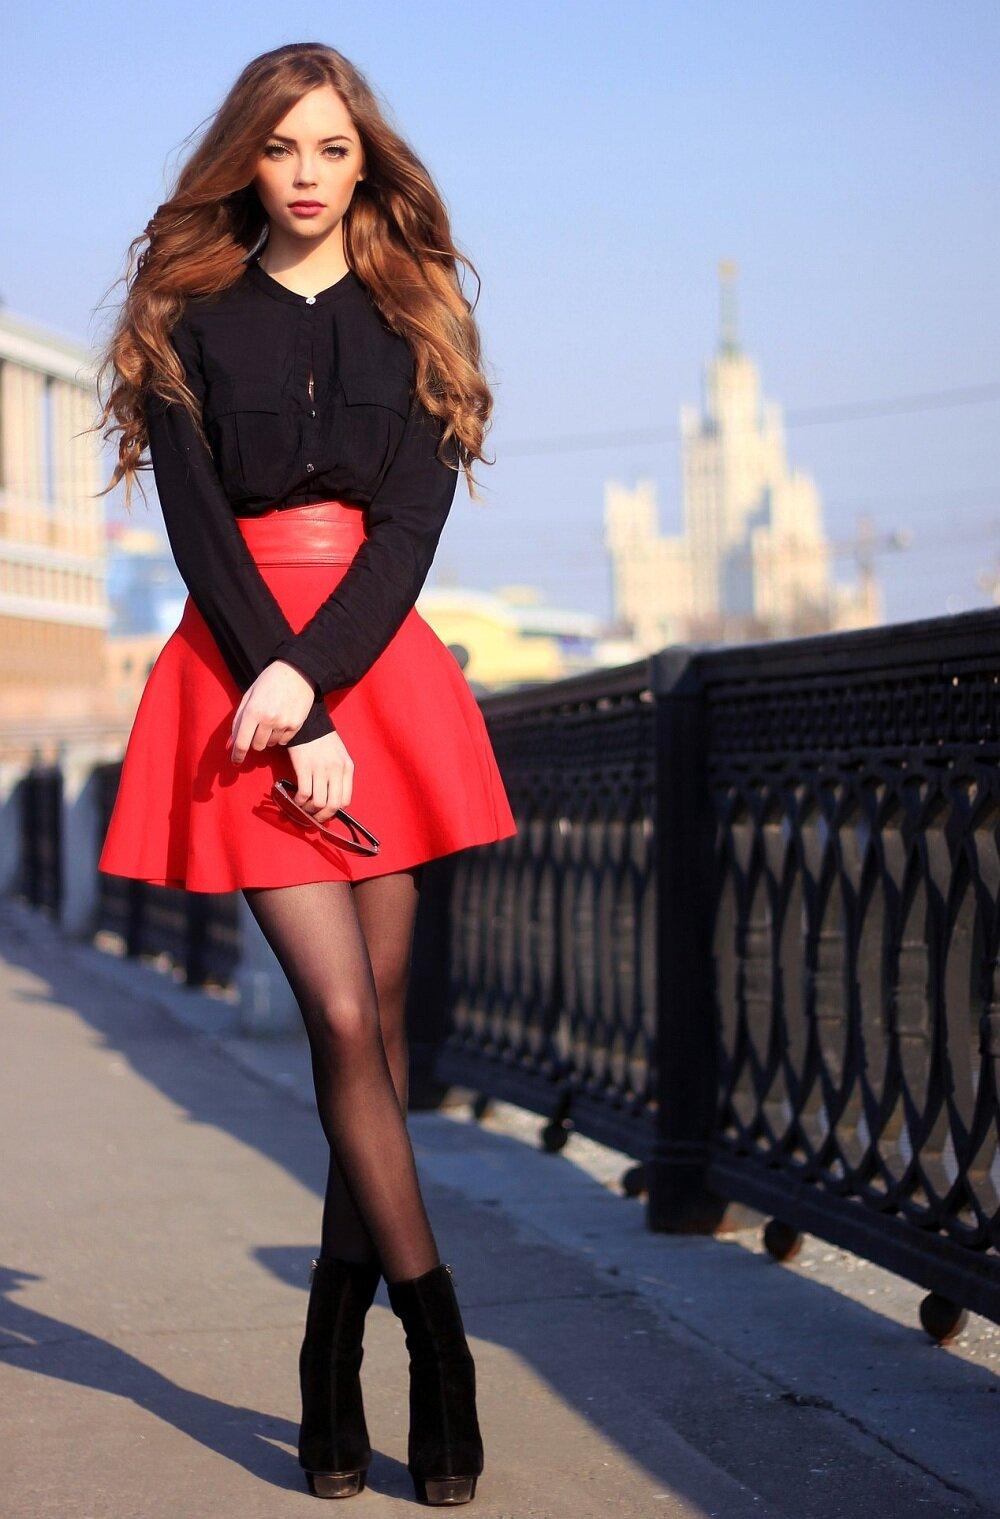 девушка в красном юбке так